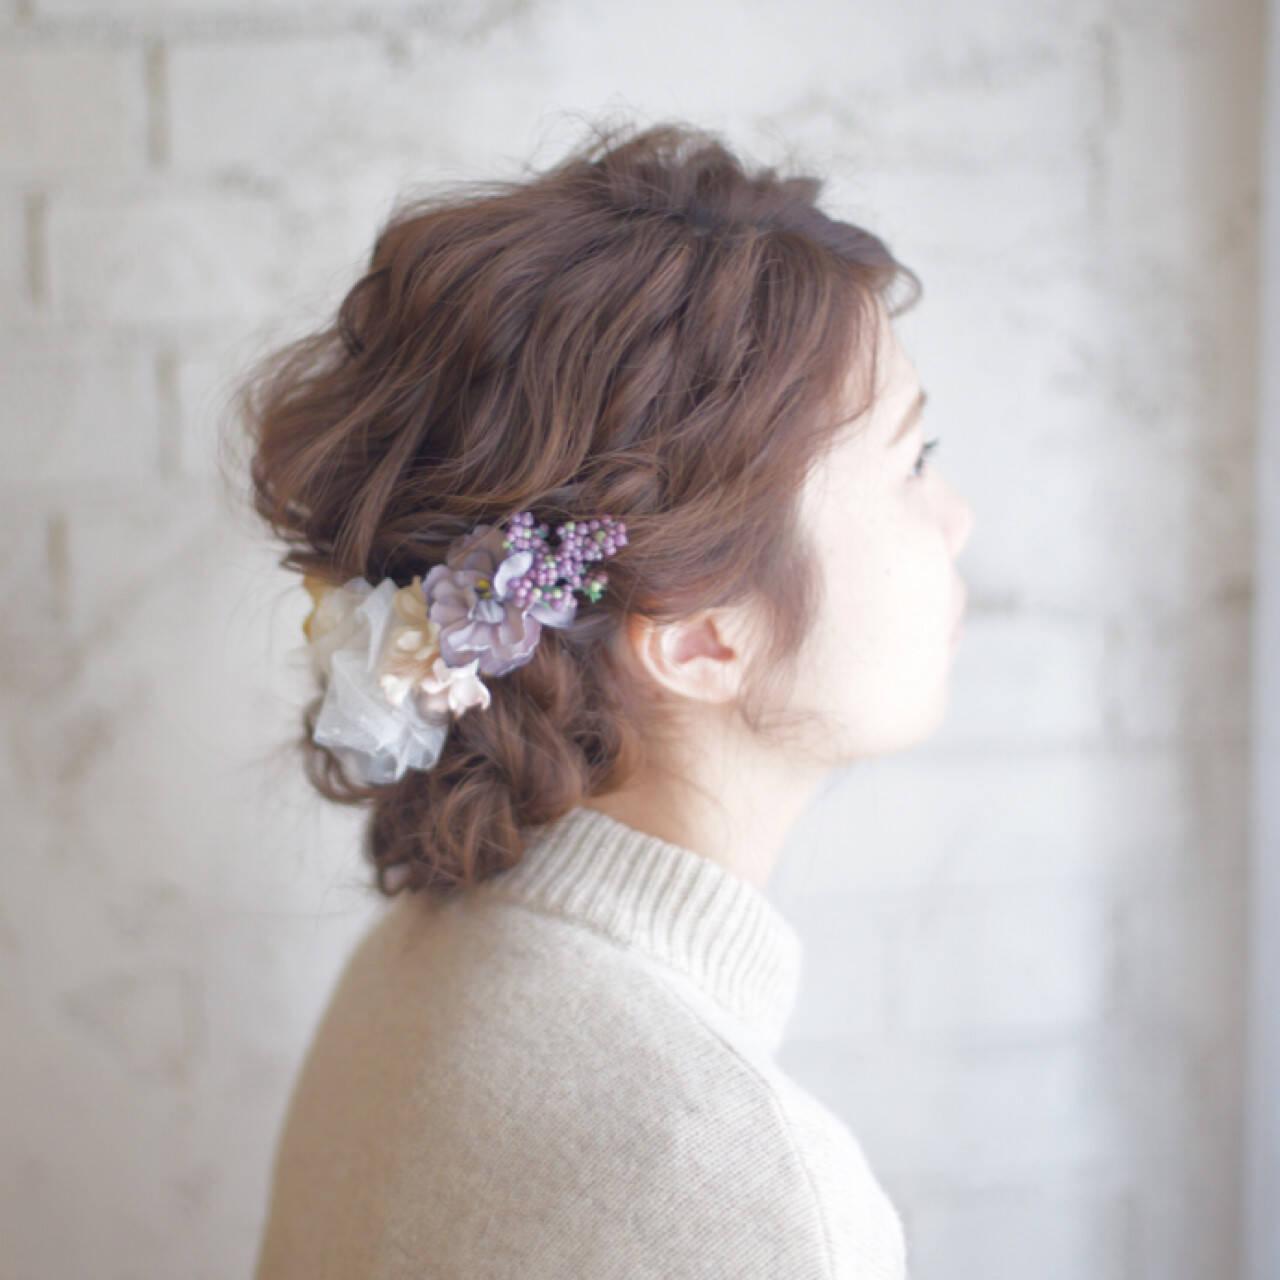 簡単ヘアアレンジ セミロング 大人かわいい 結婚式ヘアスタイルや髪型の写真・画像